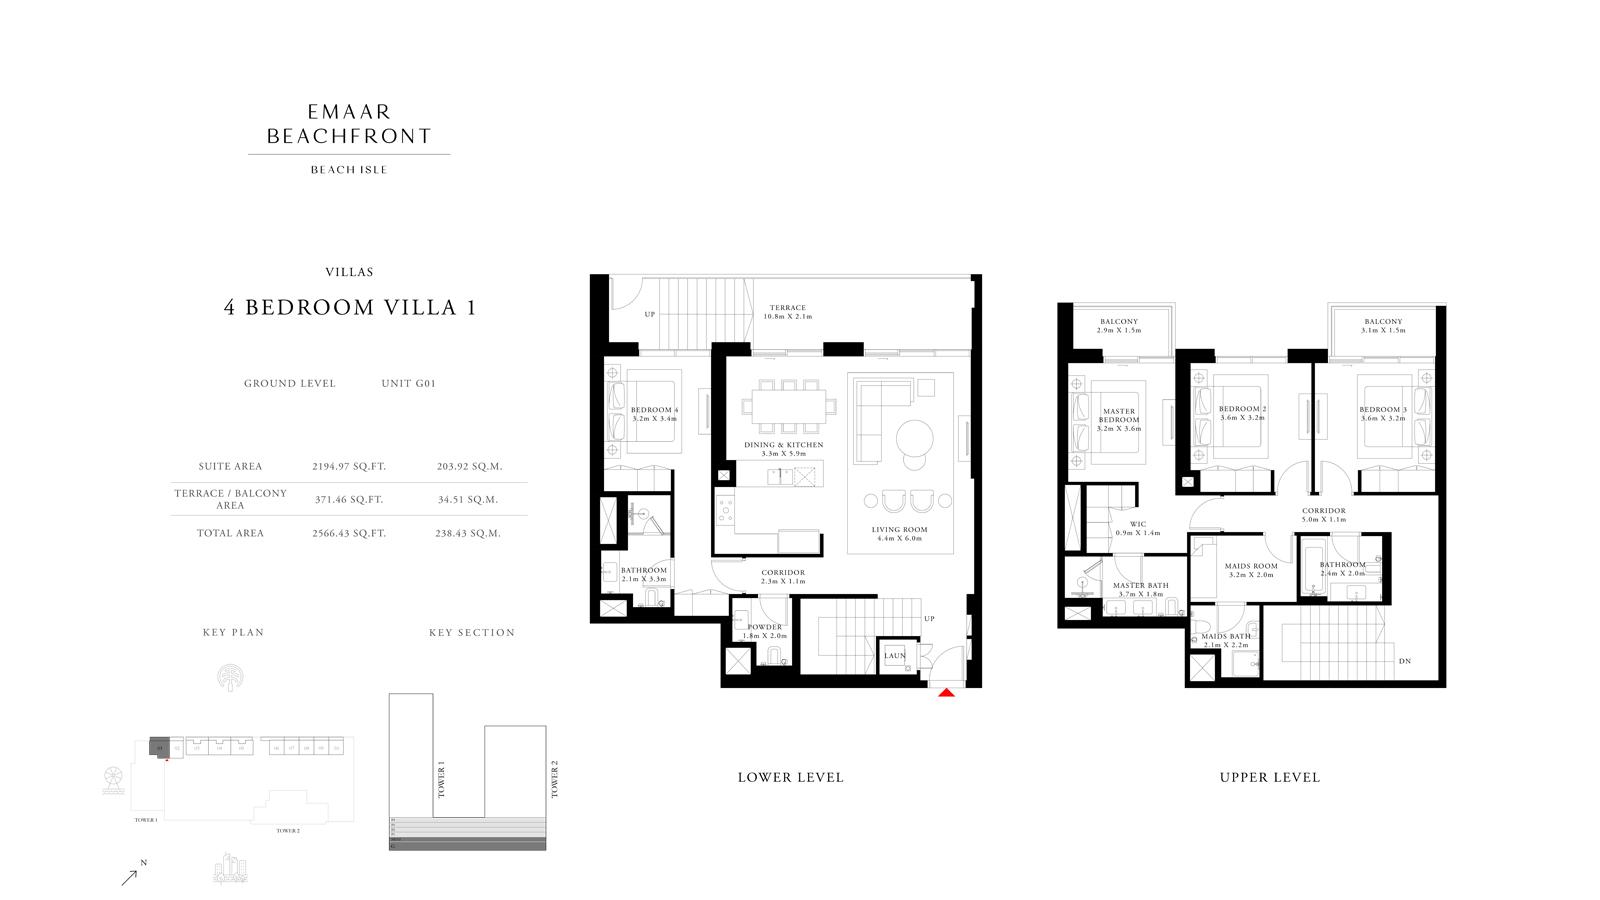 4 Bedroom Villas 1, Size 2566    sq. ft.